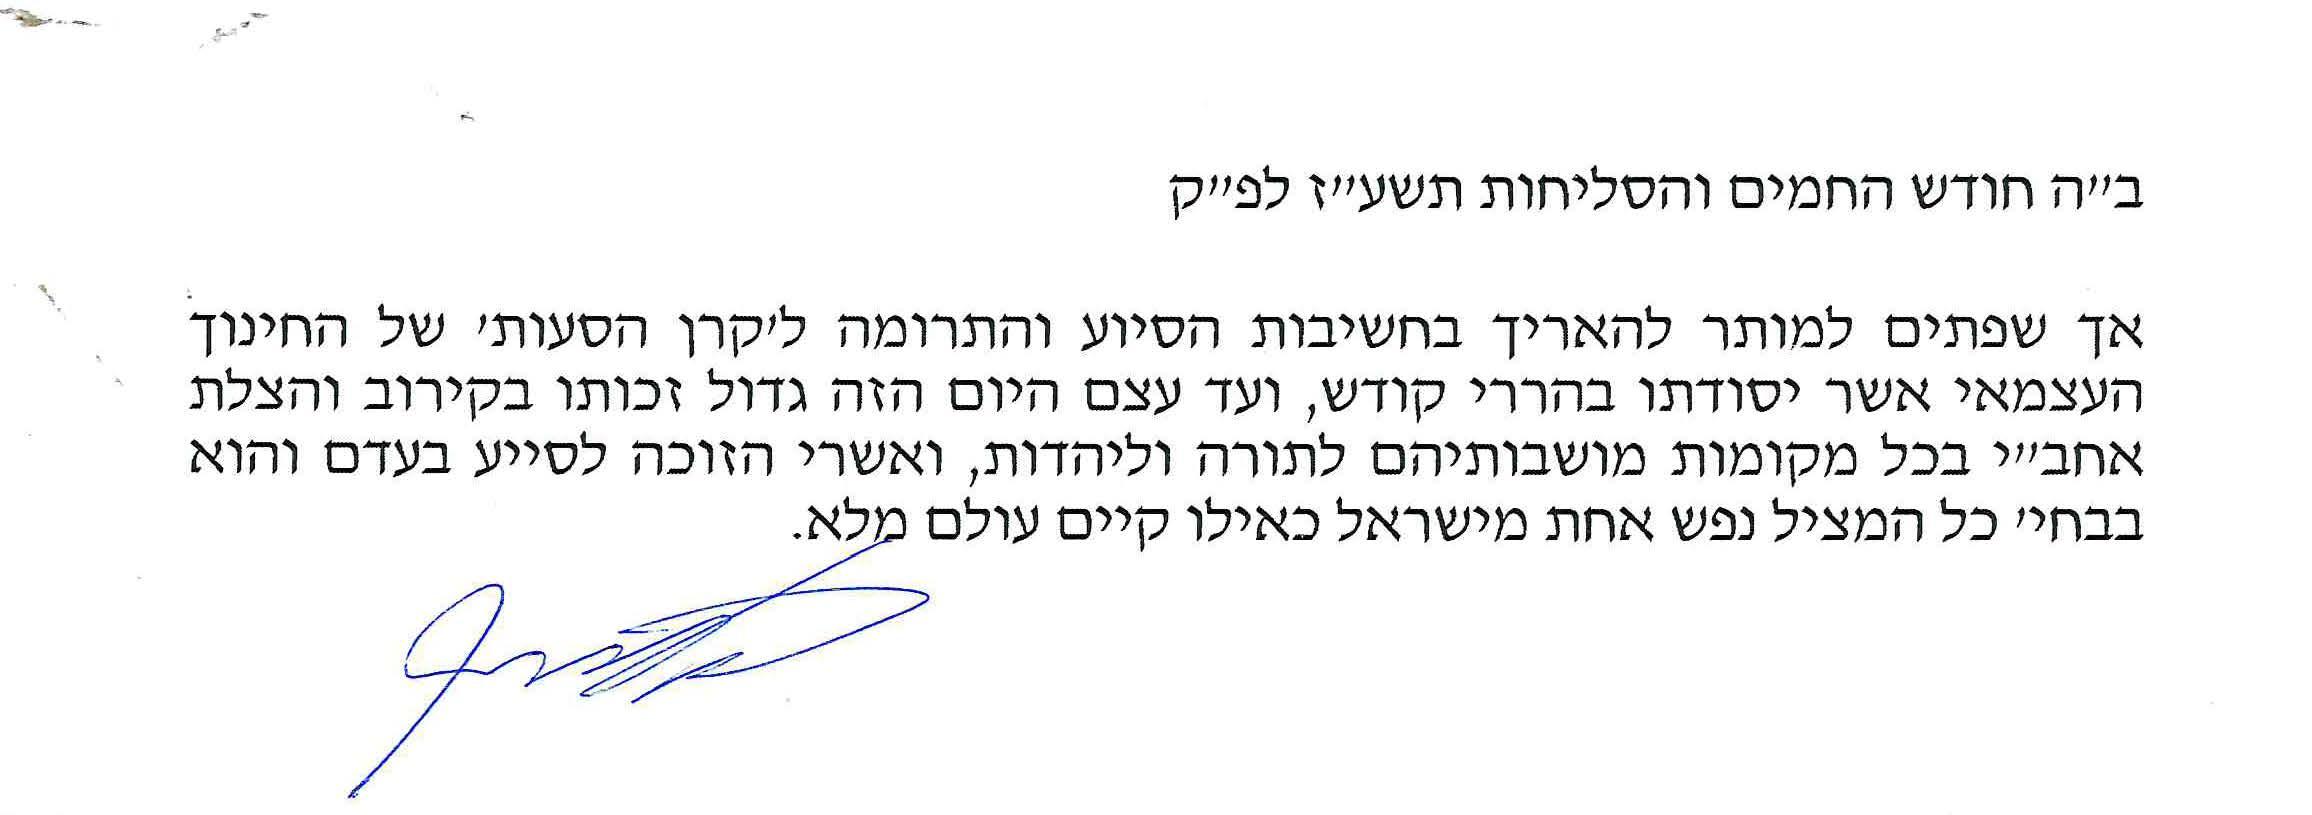 מכתב צאנז קרן ההסעות